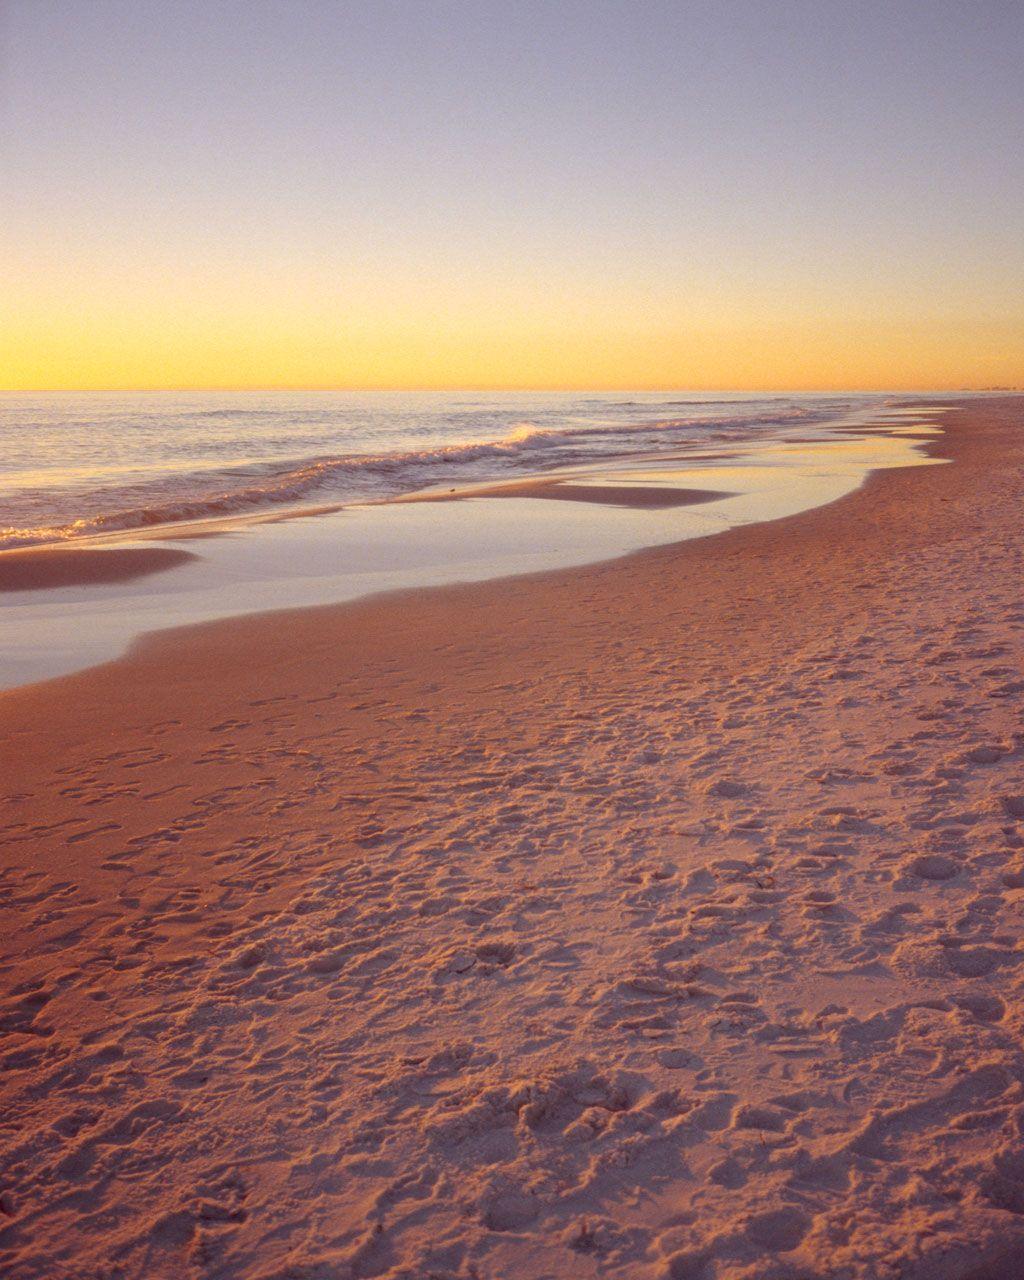 Lake Tuz Gölü